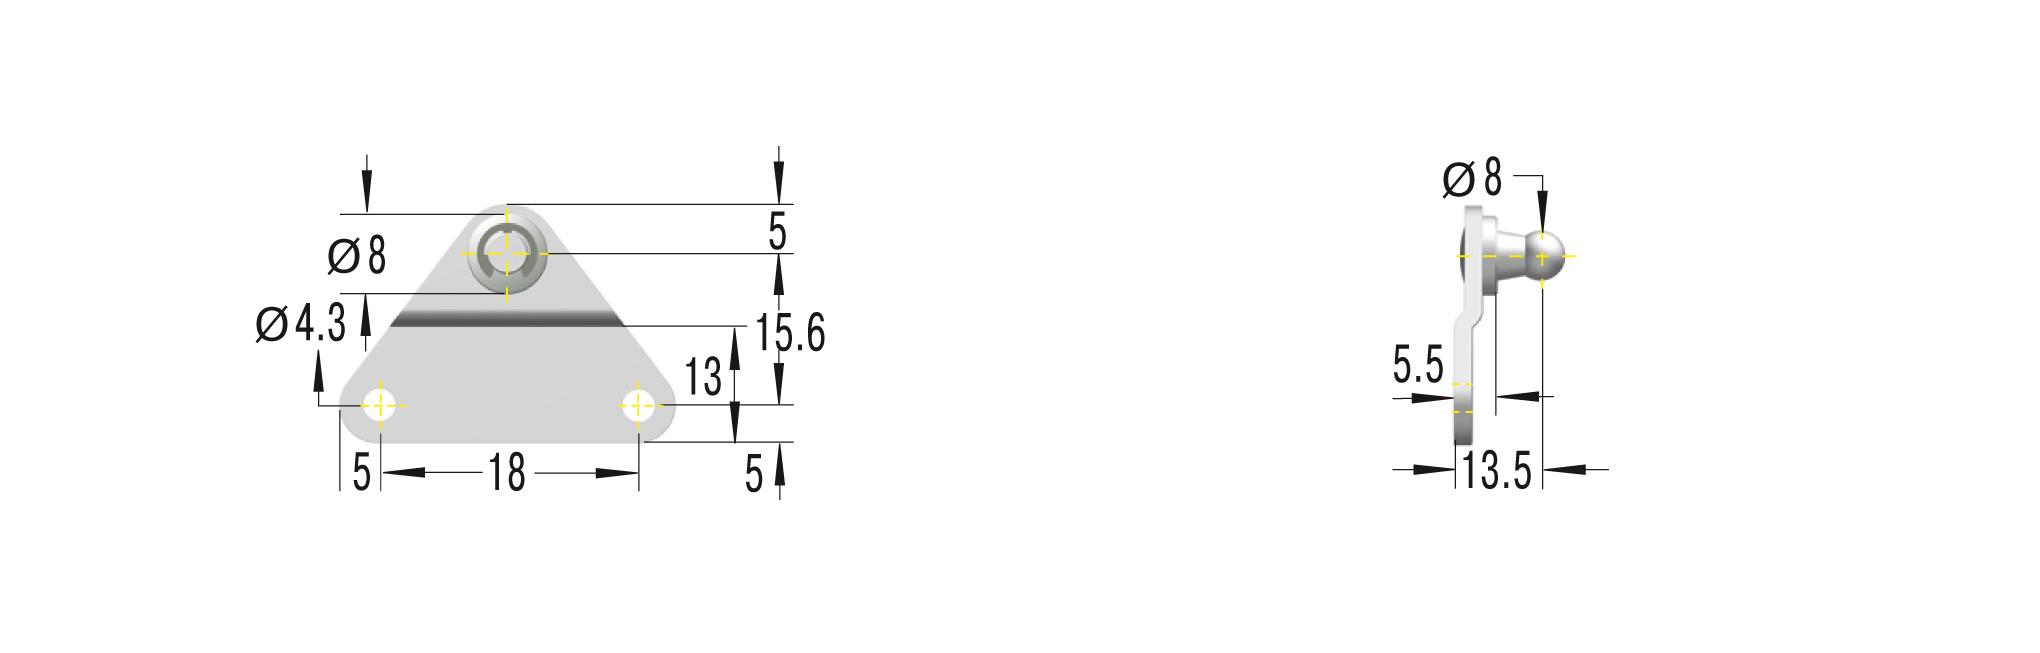 Beschlag für GS-15 und HB-15 ***maximale Belastung 180N***